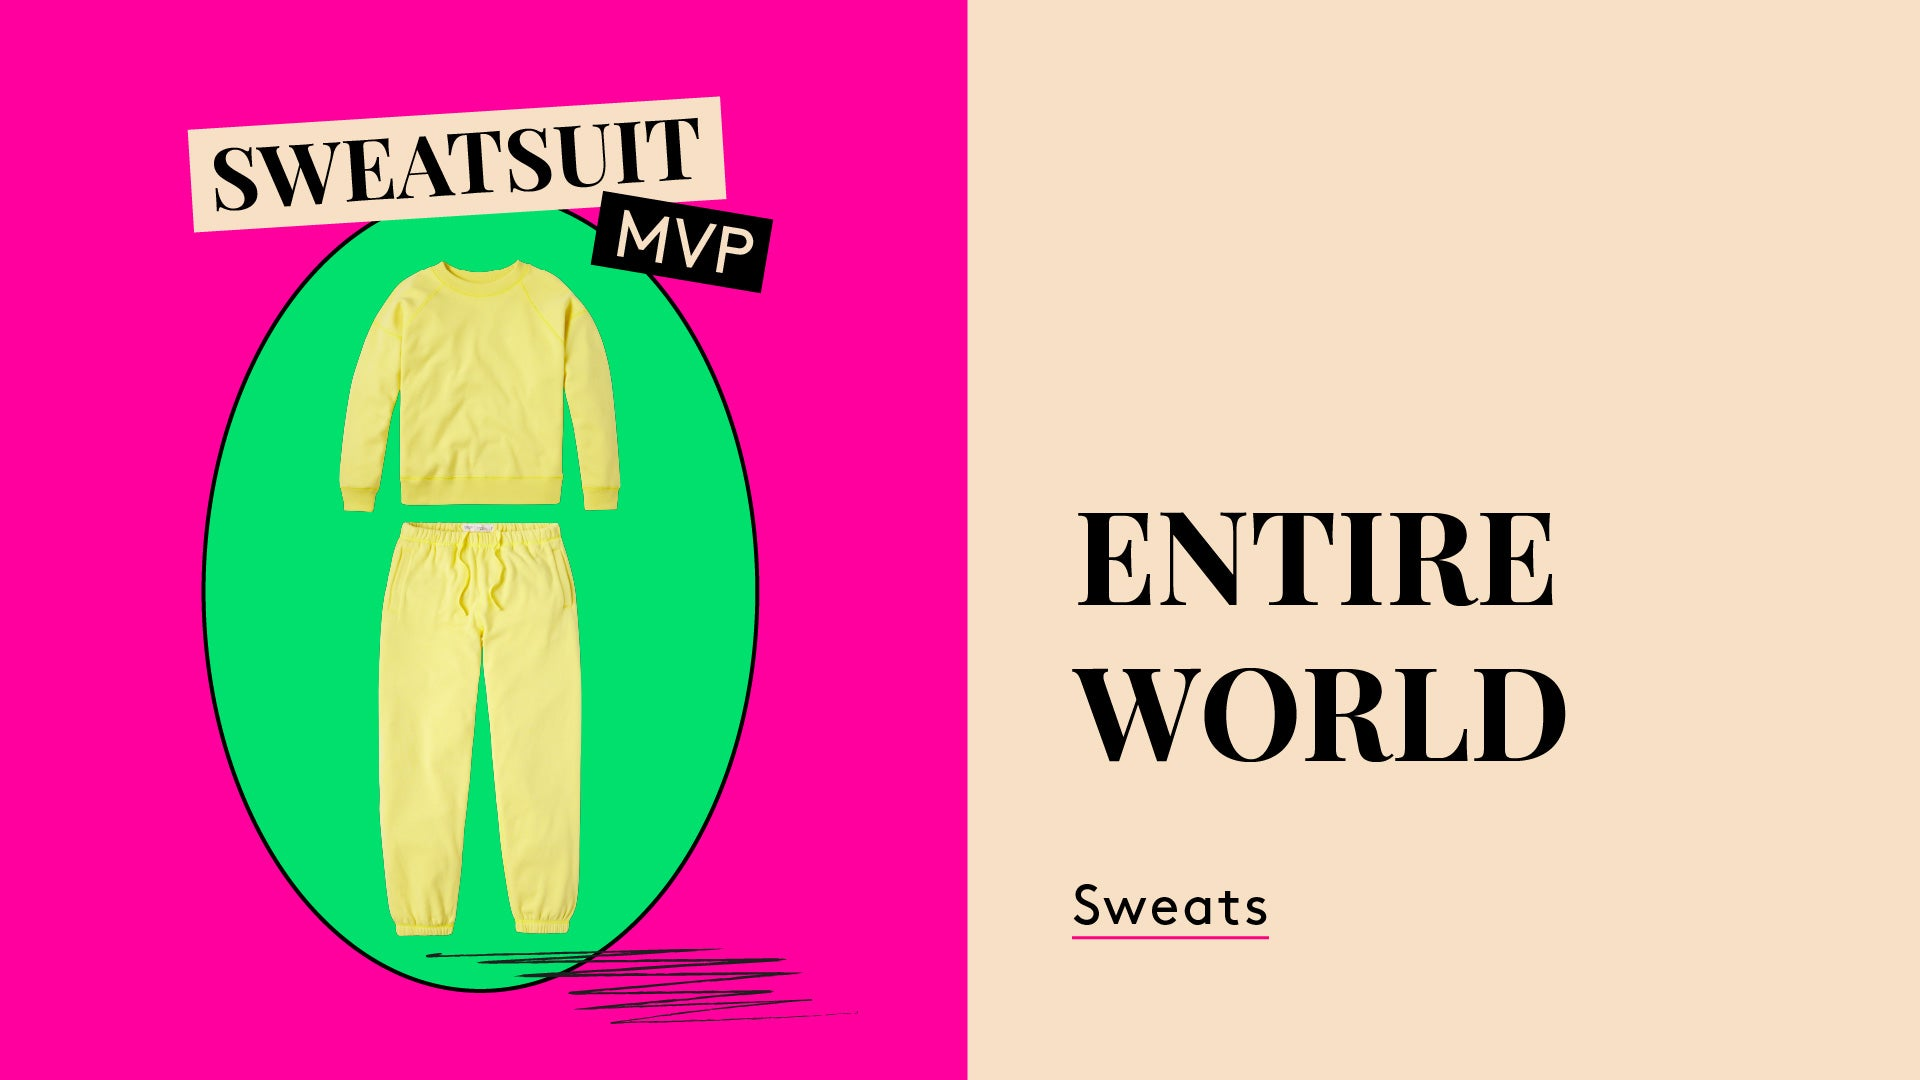 Sweatsuit MPV. A photo of a sweatsuit. The Entireworld.